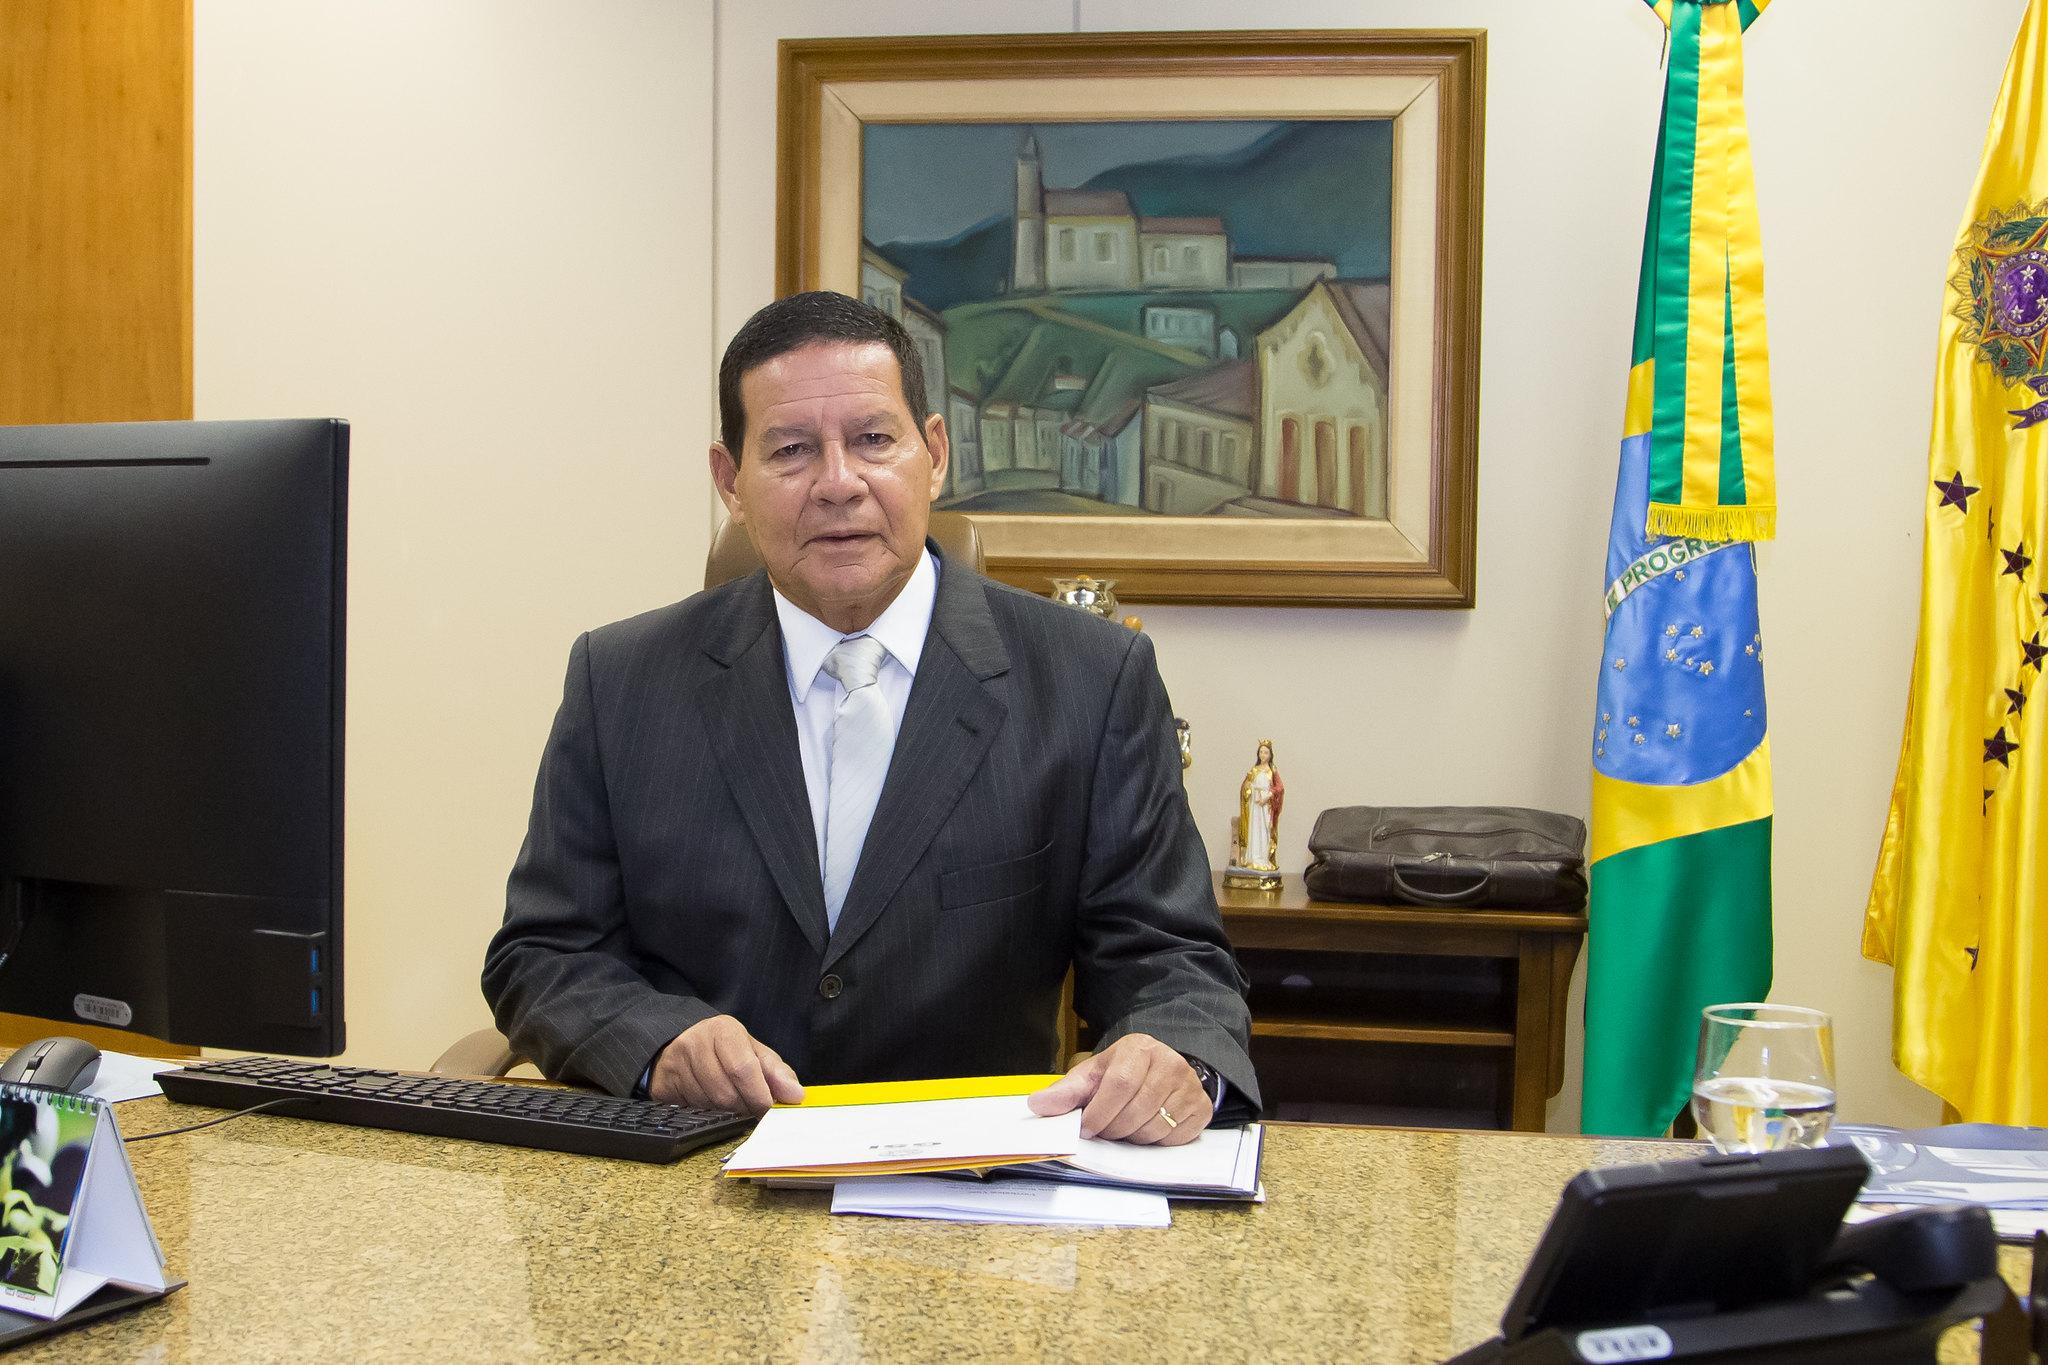 IMAGEM: 'Feliz com a melhora do nosso presidente', diz Mourão